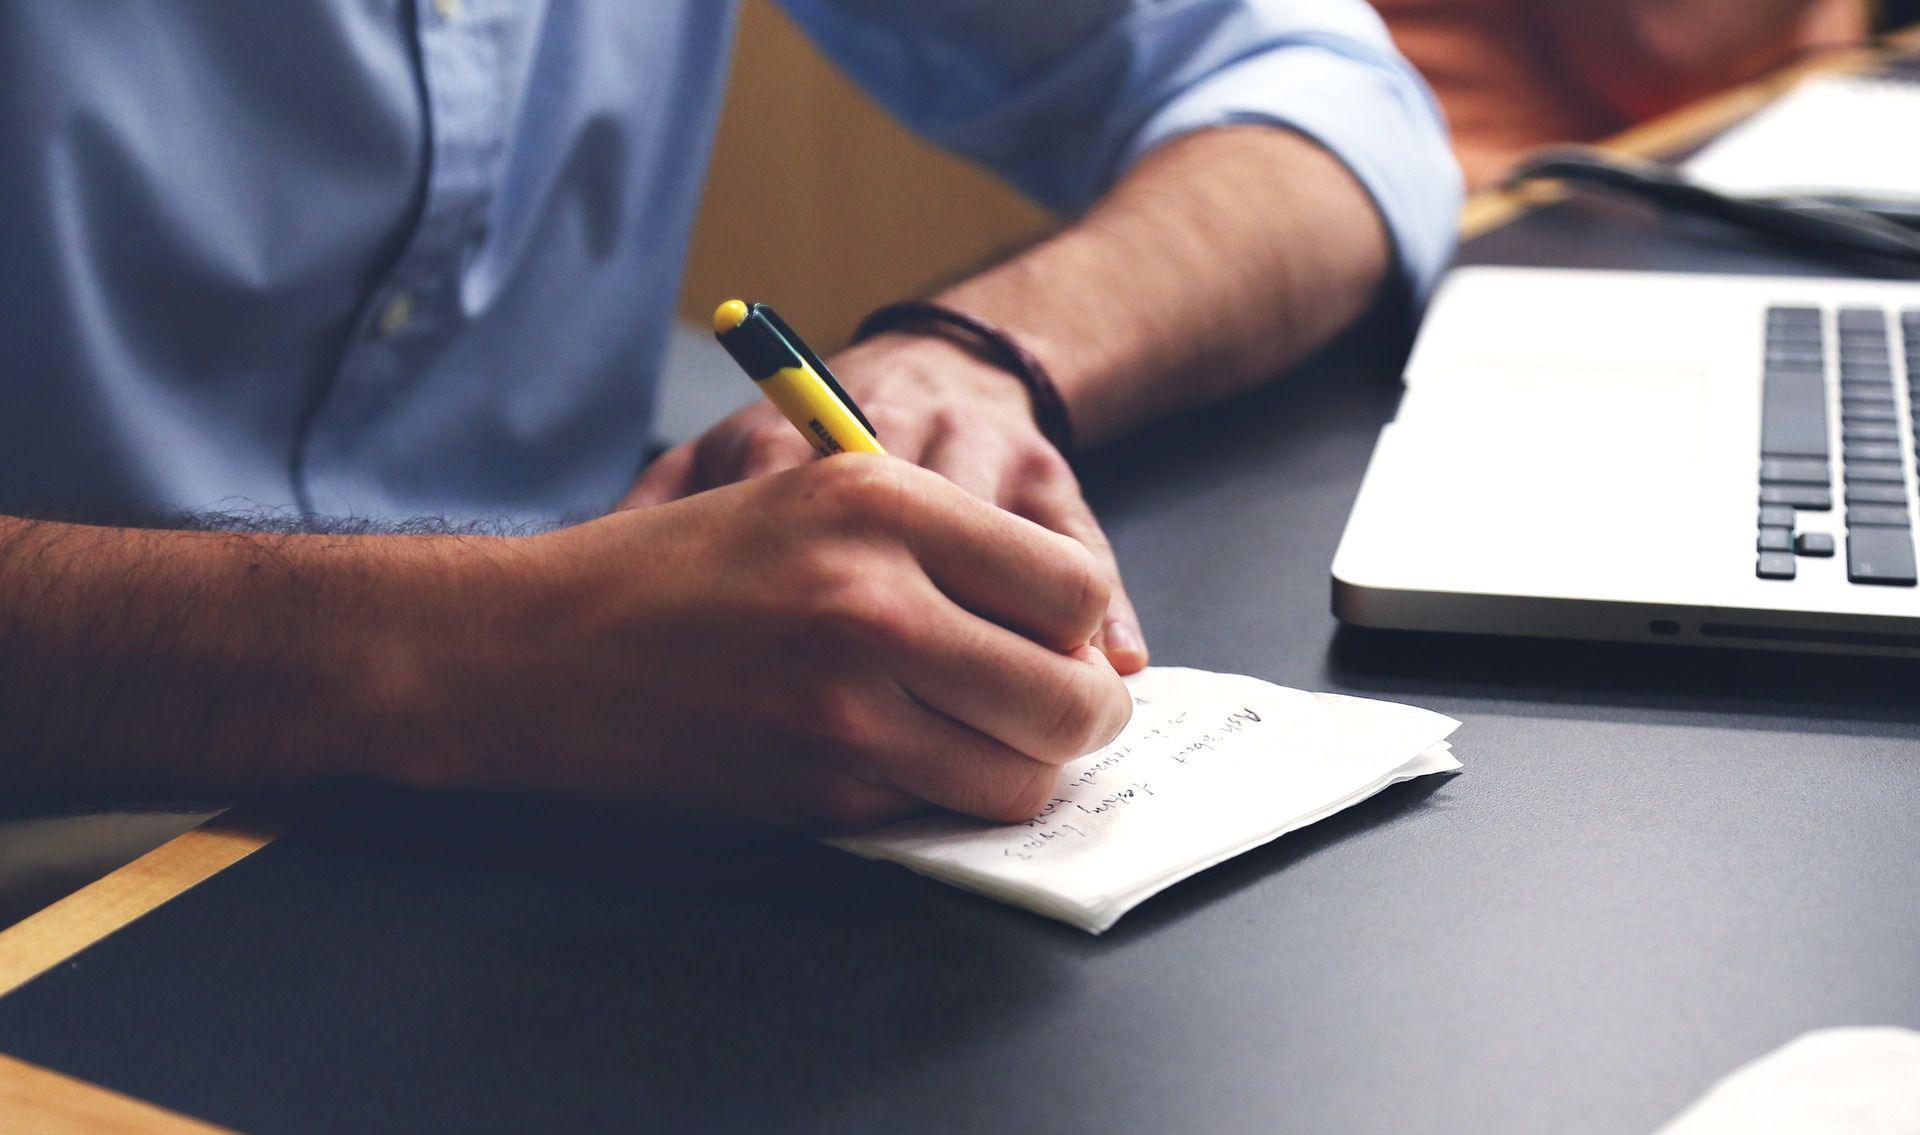 mit xing anschreiben kunden akquirieren - Xing Anschreiben